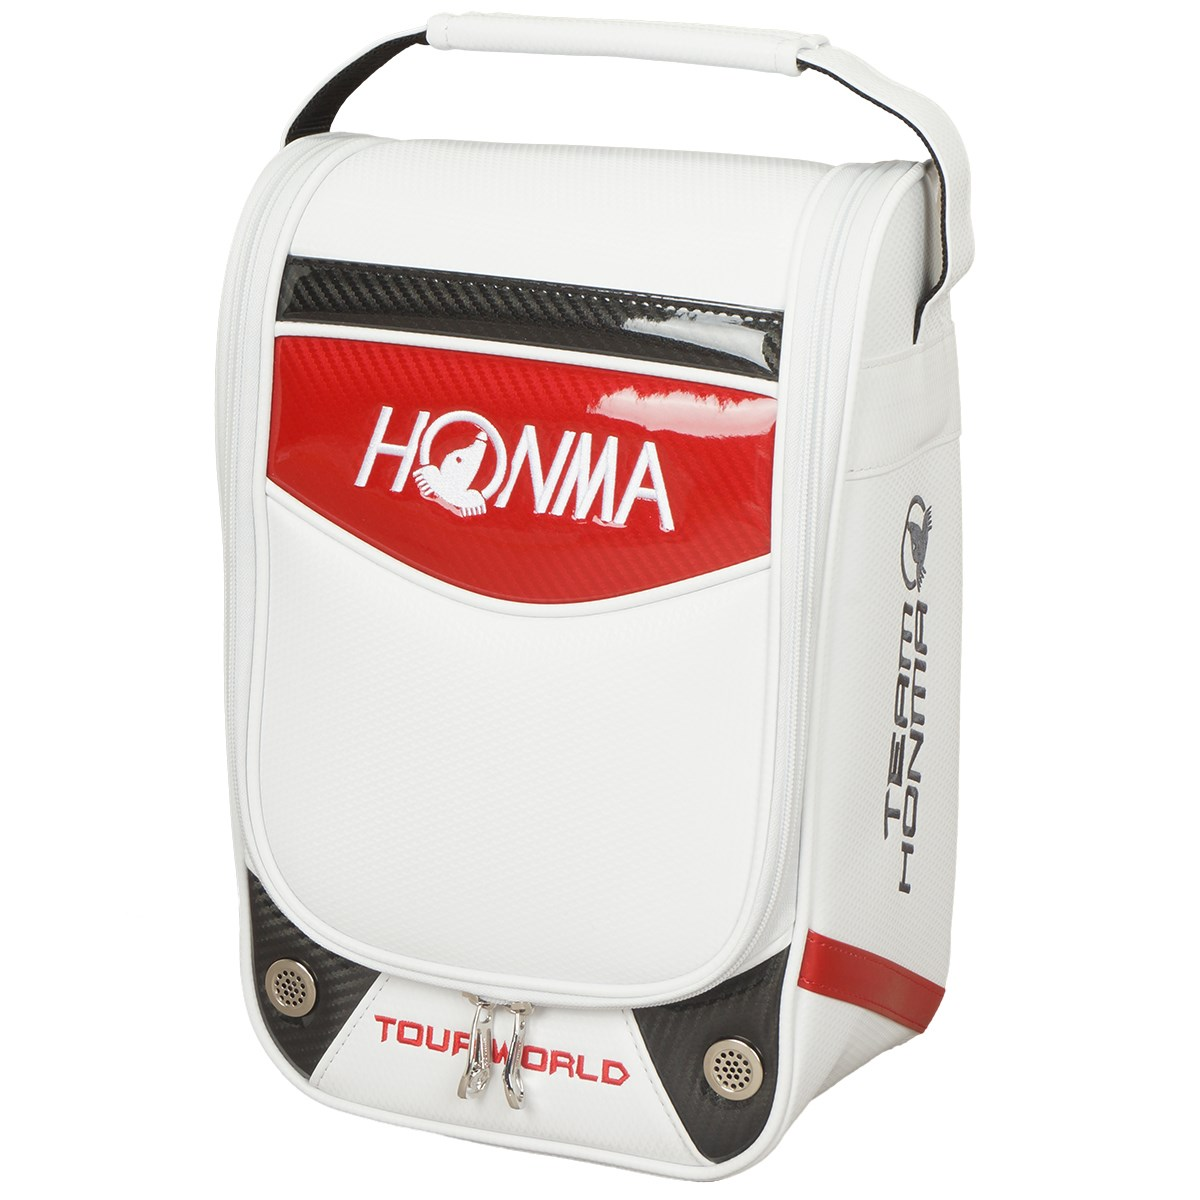 本間ゴルフ(HONMA GOLF) シューズケース